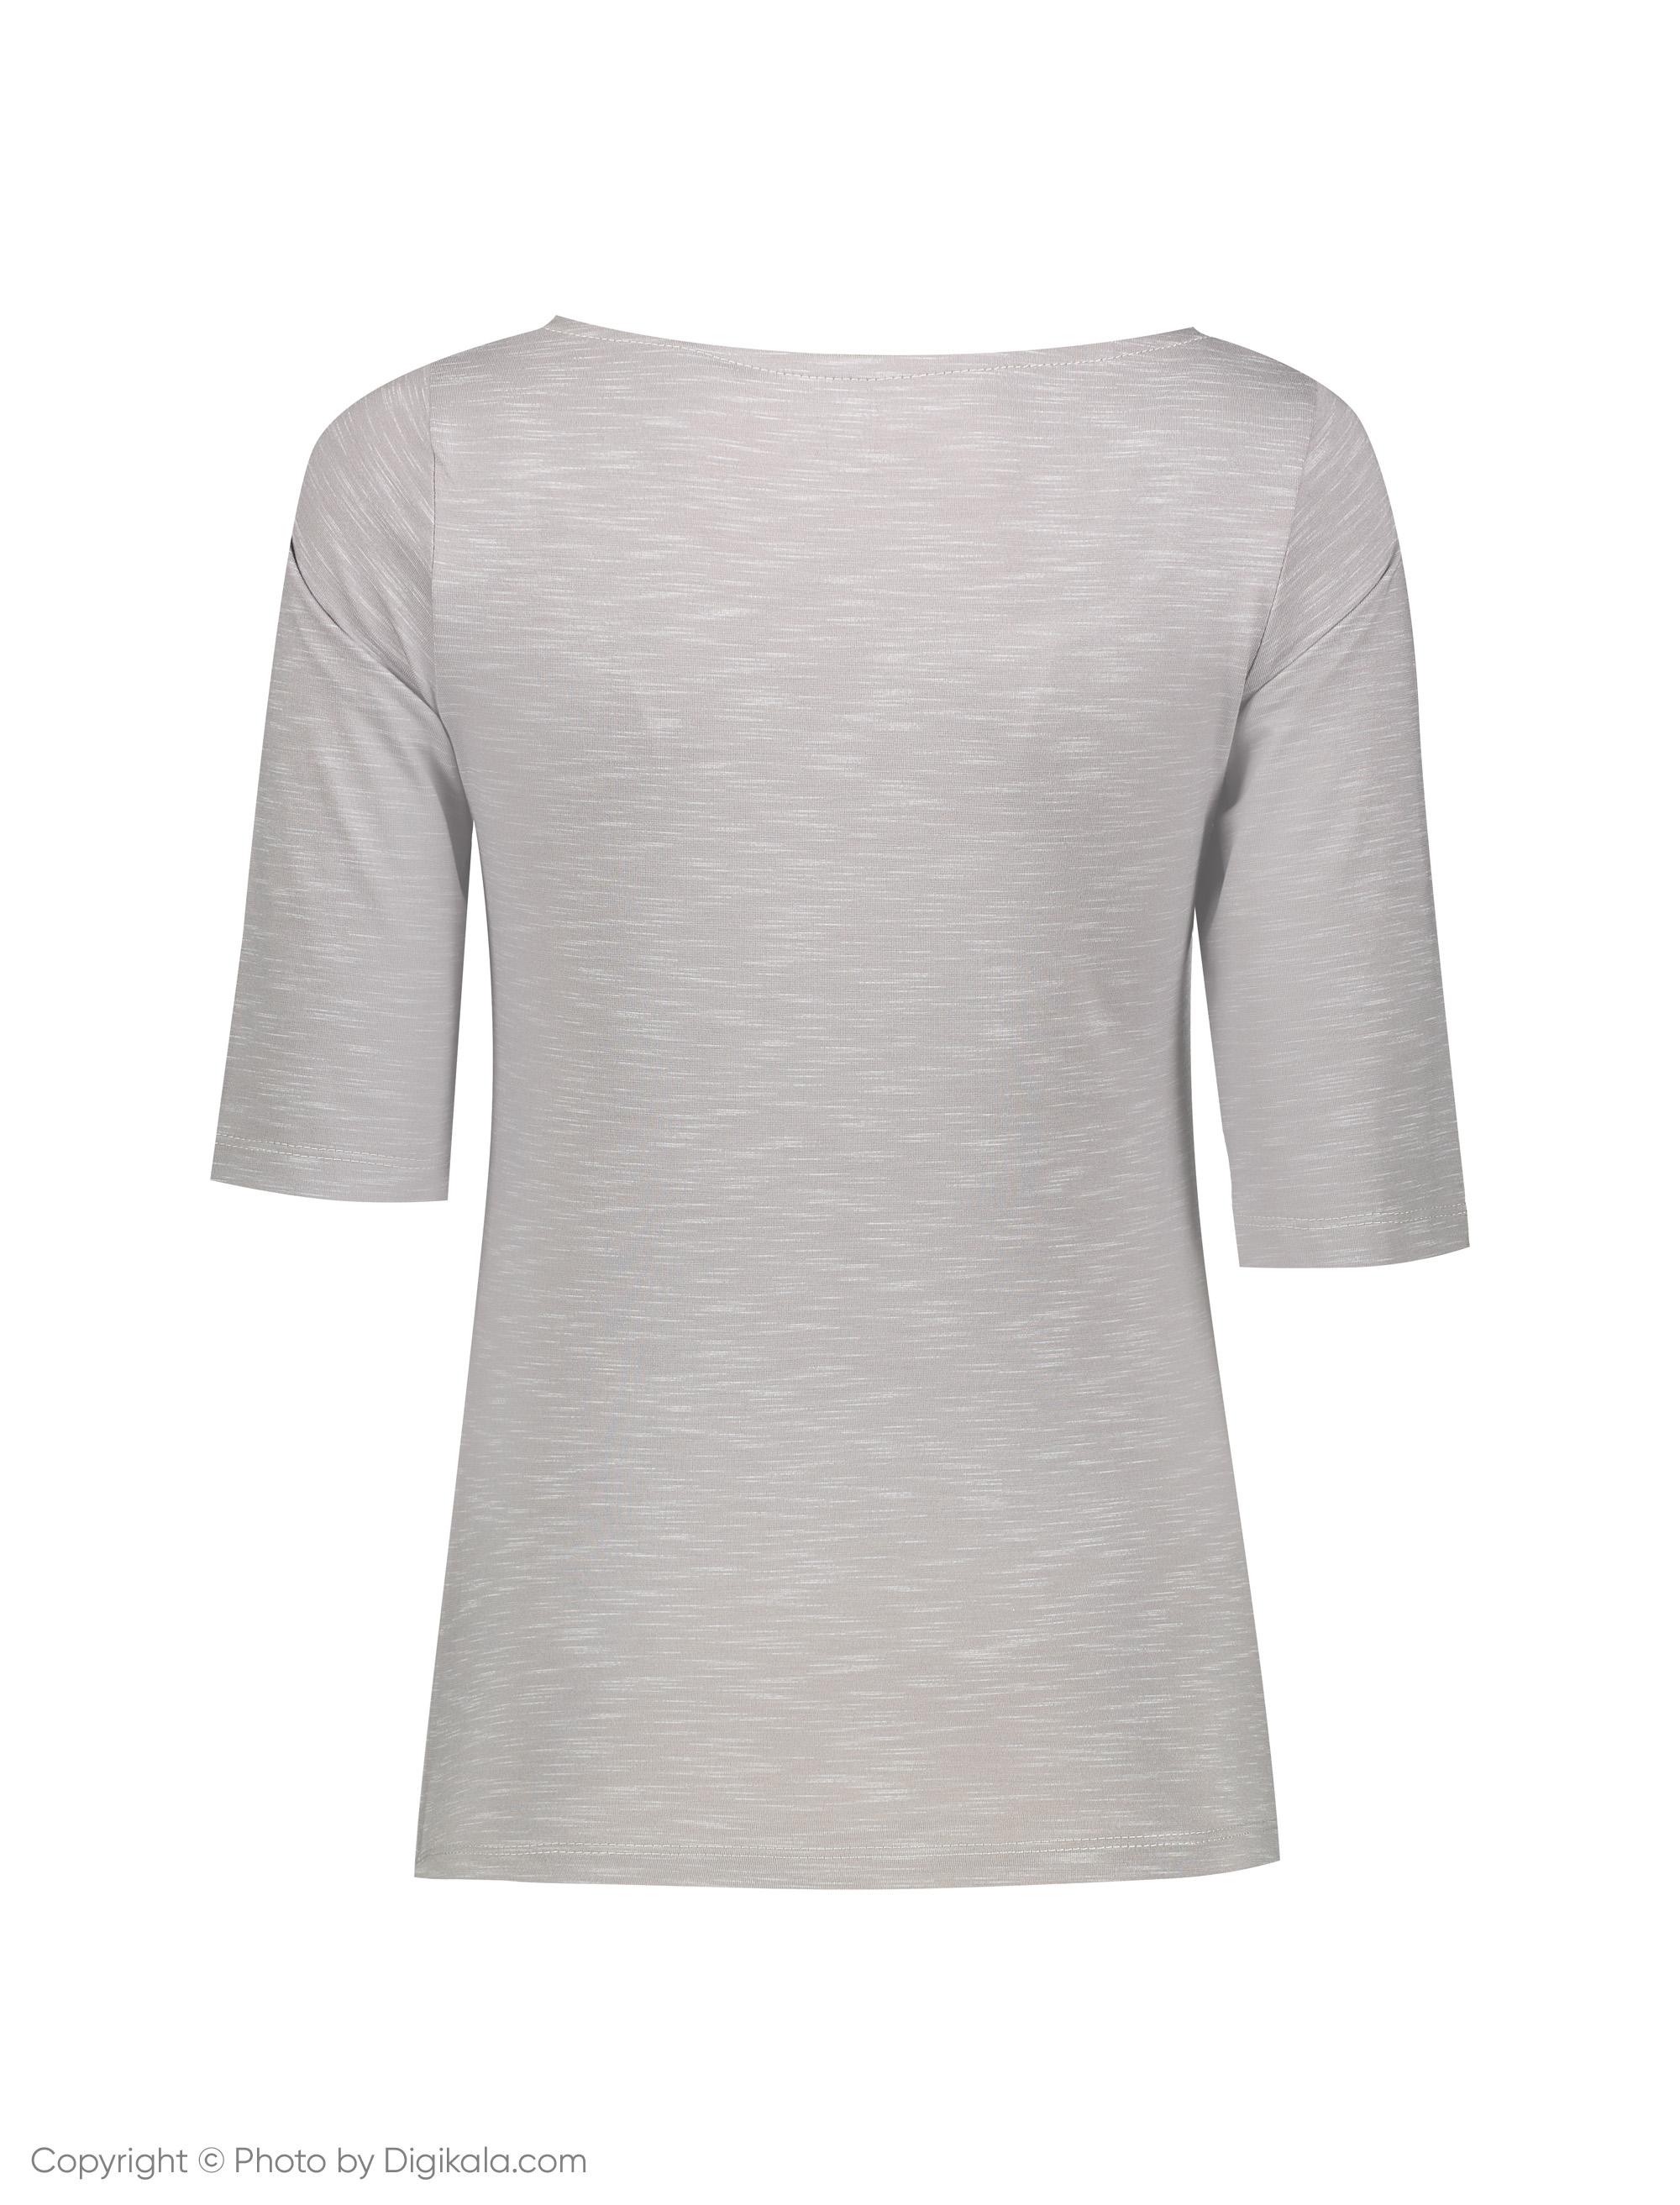 تی شرت زنانه گارودی مدل 1003112018-91 -  - 3